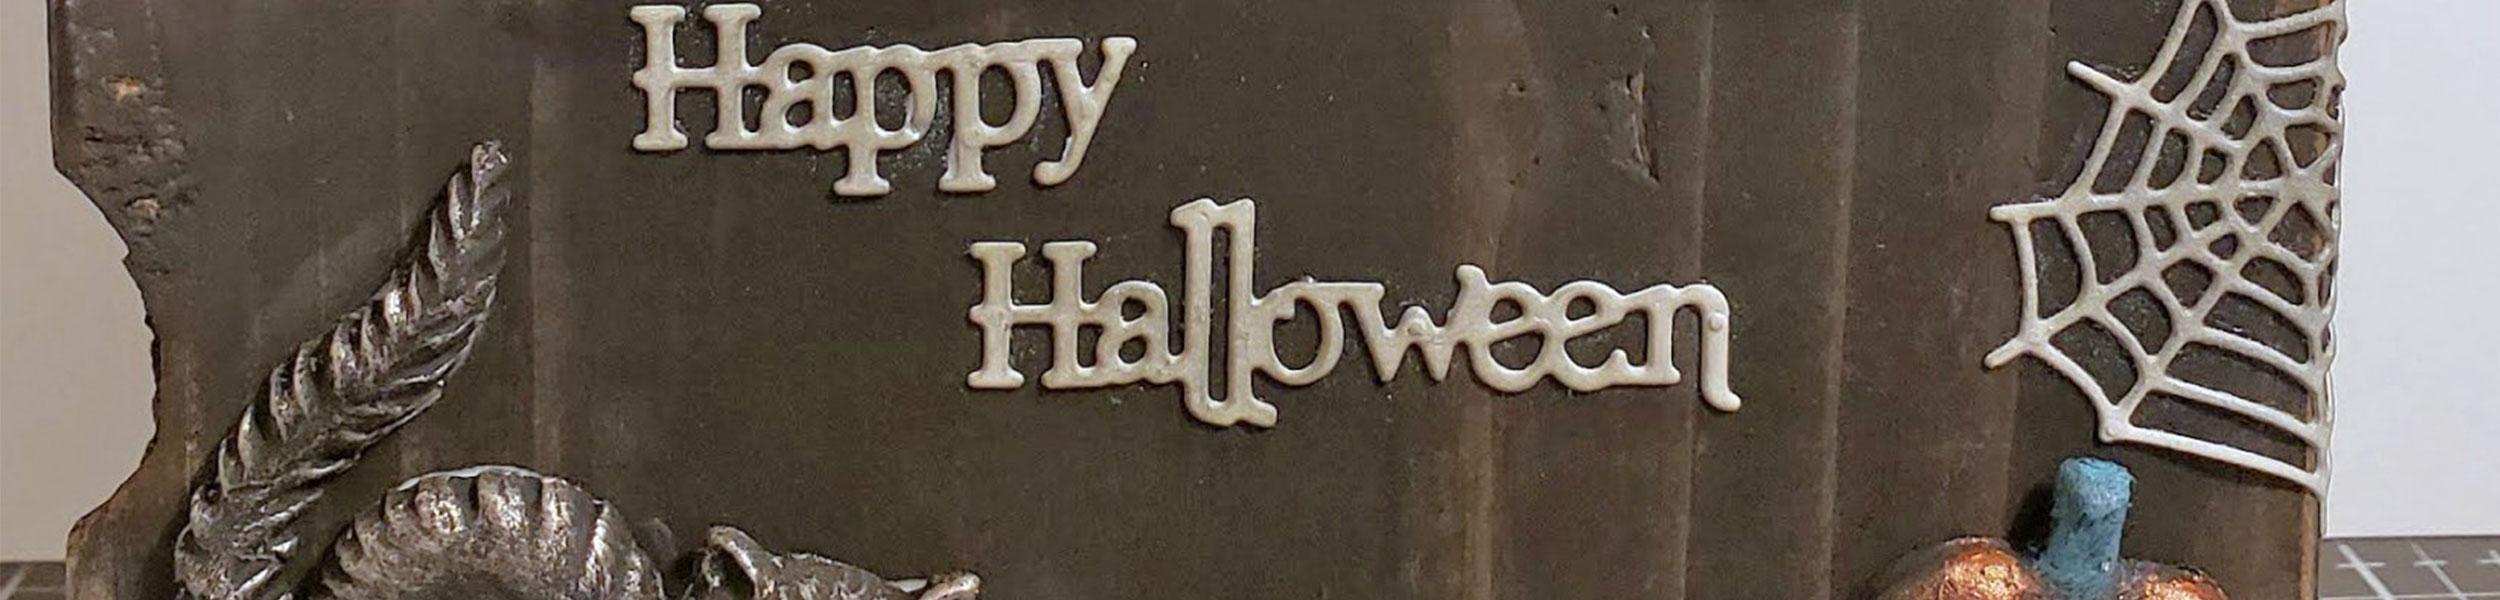 Mixed Media Halloween Village Block